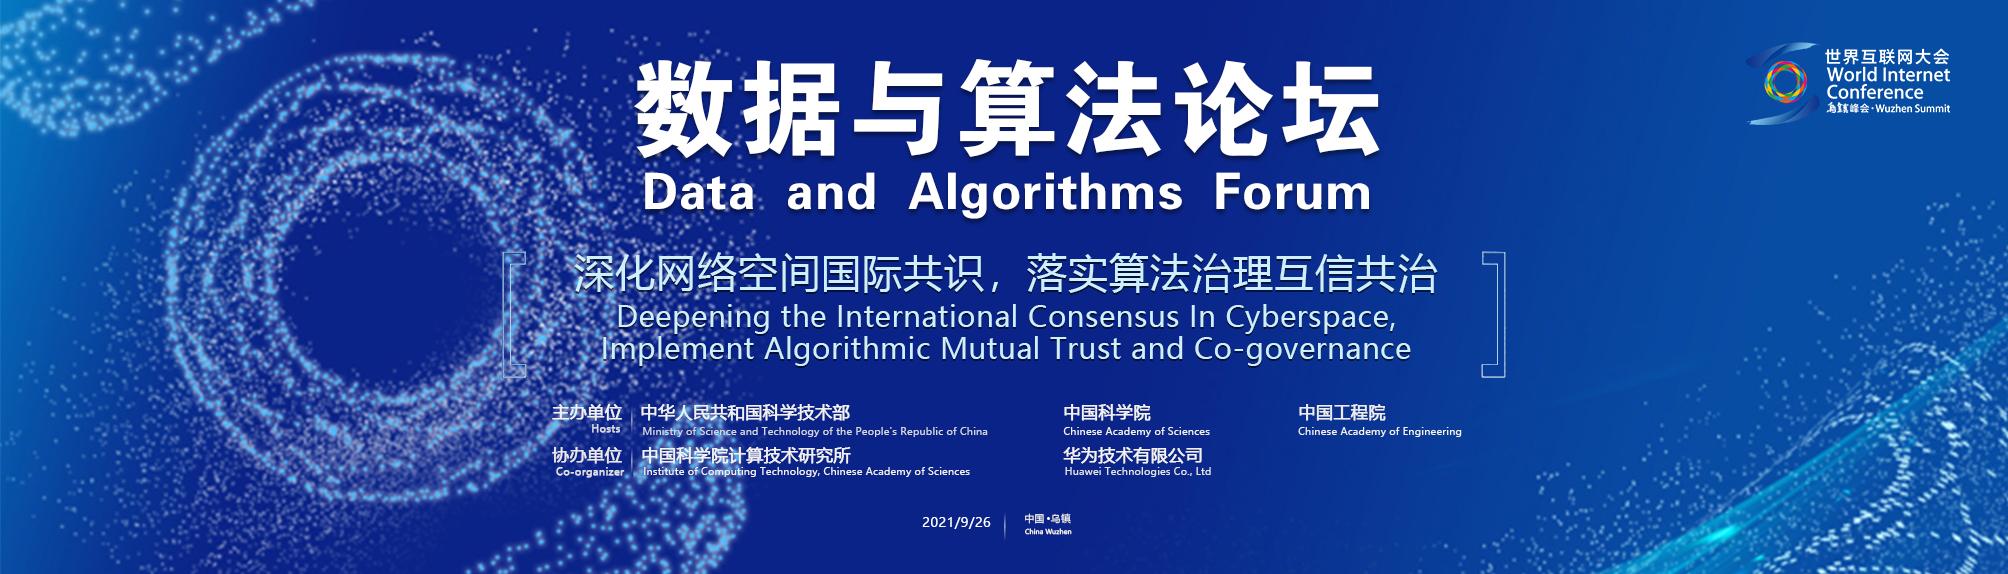 2021年世界互联网大会乌镇峰会数据与算法论坛